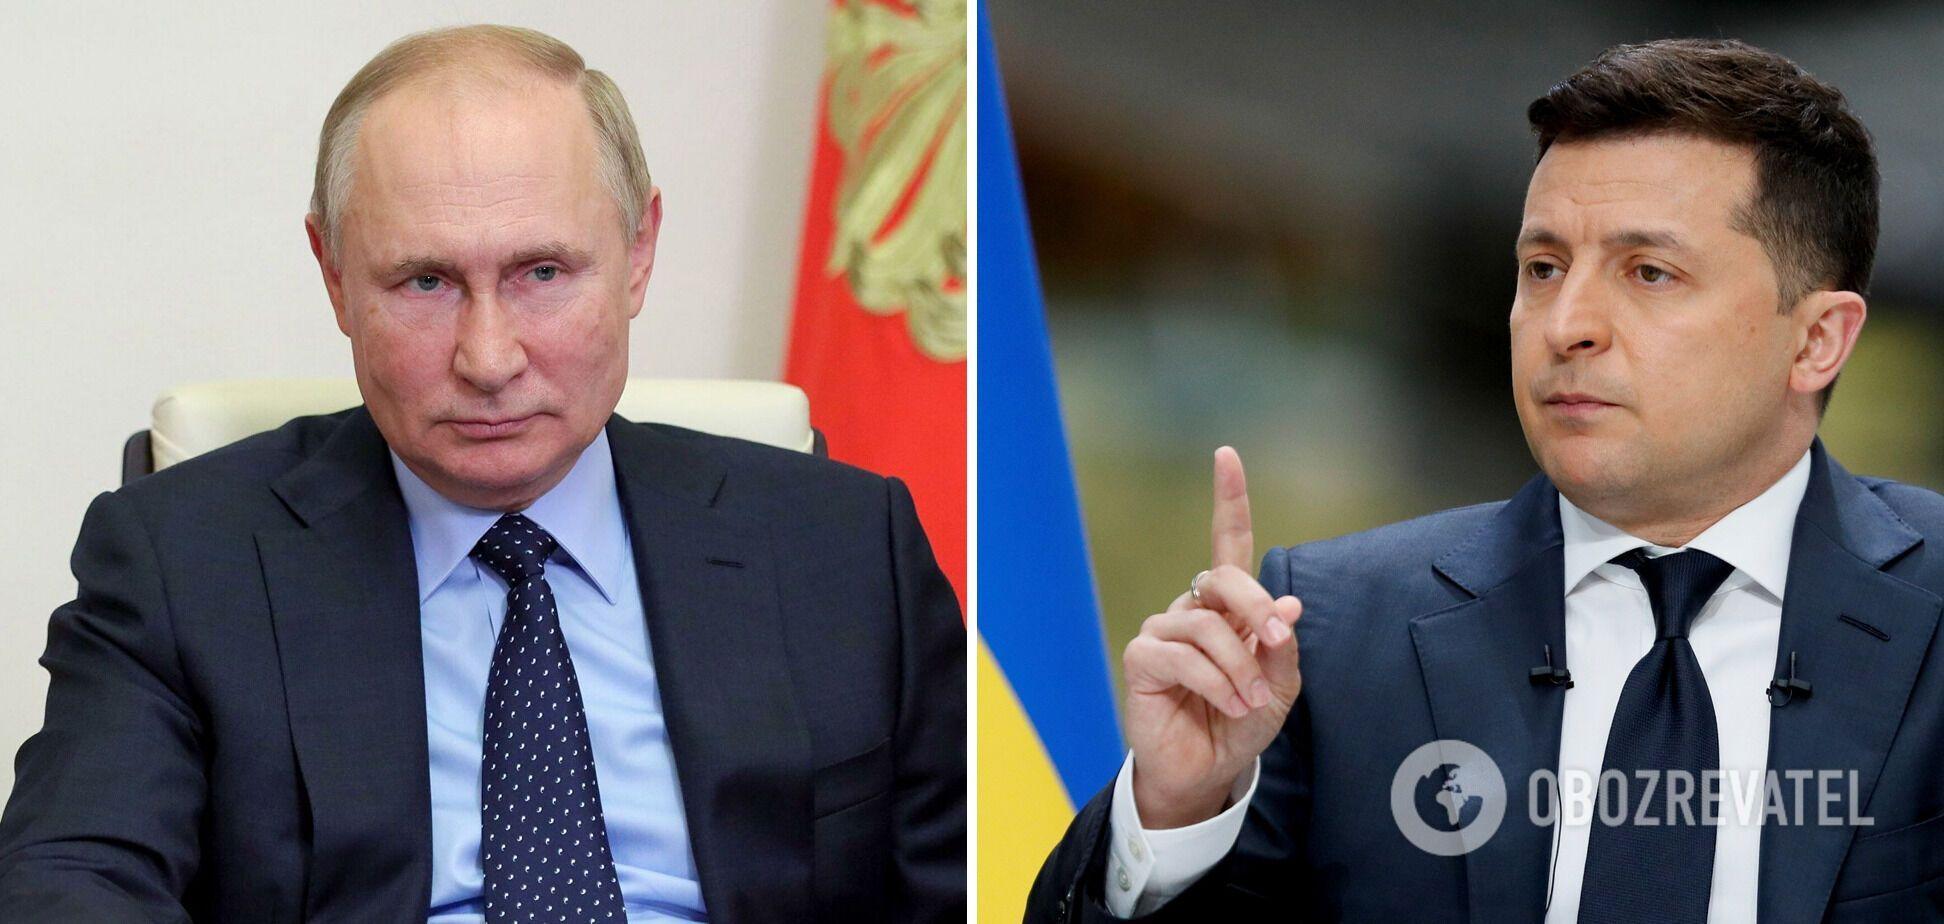 Путин не желает обсуждать с Зеленским темы Донбасса и Крыма